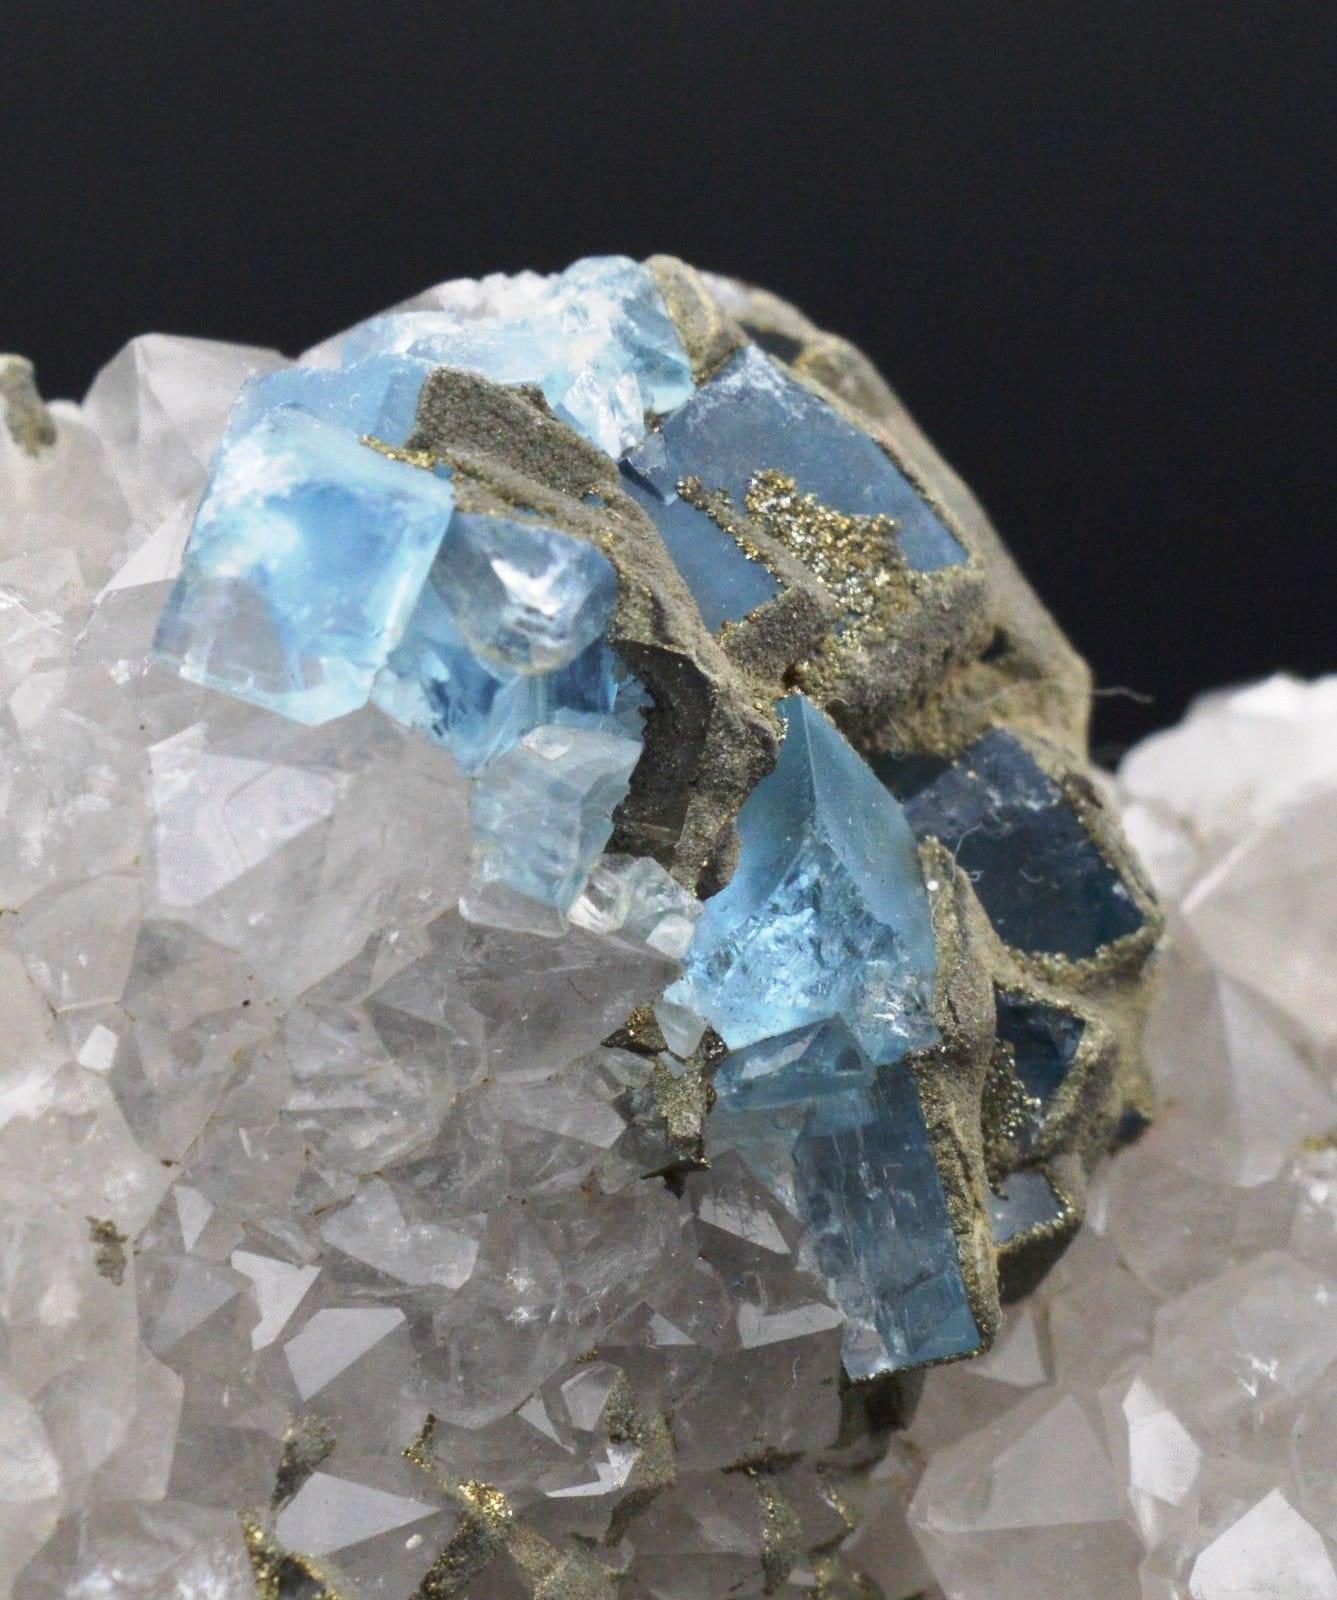 Minéraux bruts - - - Fluorite pyrite sur quartz 268 grammes - Mont Roc, Tarn , France 072d17